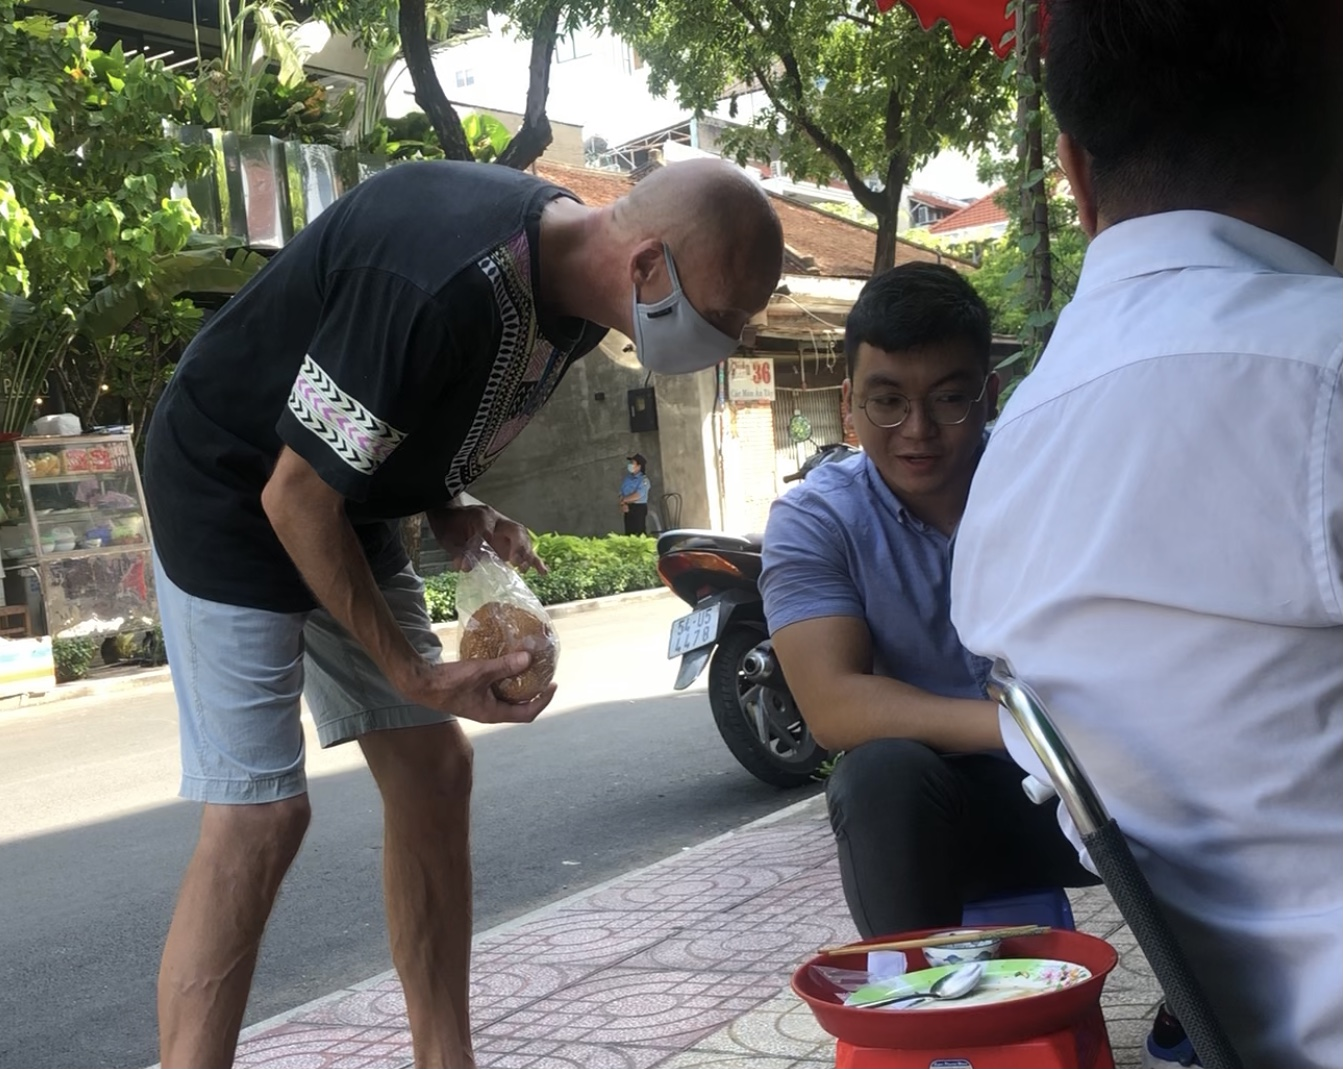 Hình ảnh người nước ngoài gặp khó khăn do dịch bệnh COVID-19 kéo dài đã xuất hiện từ năm ngoái trên đường phố TPHCM. Ảnh: Quốc Ngọc